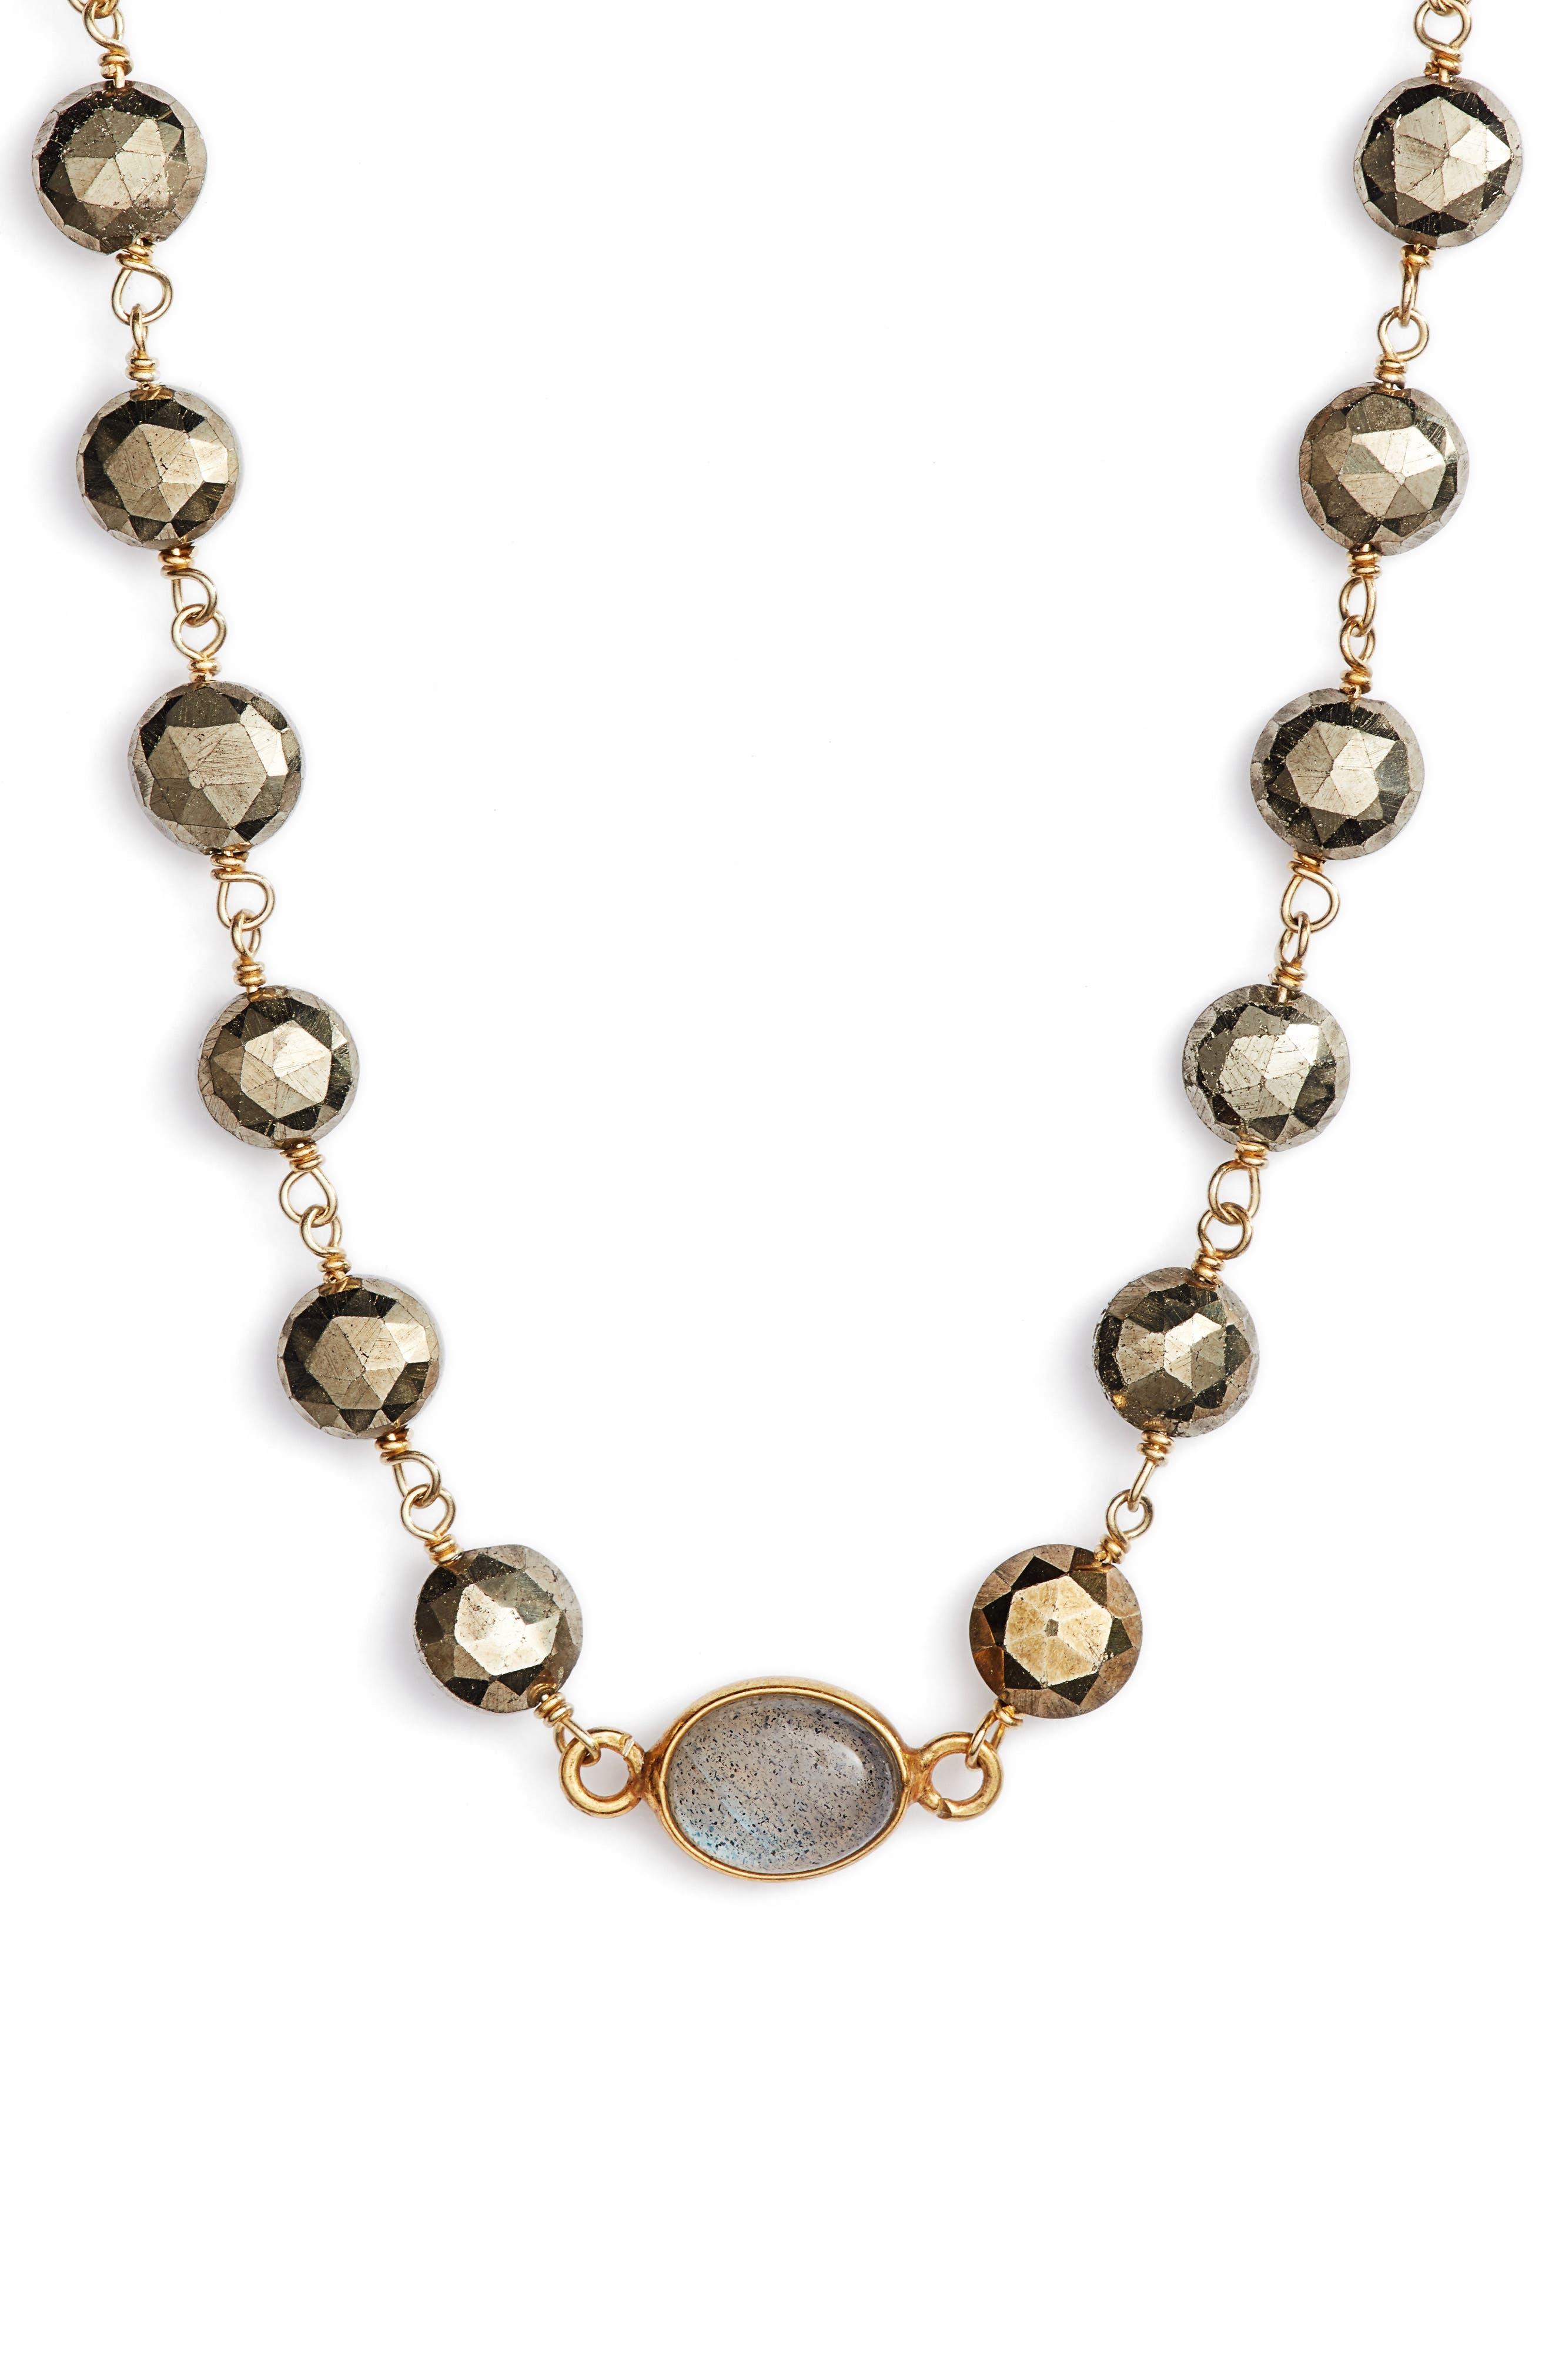 Beaded Collar Necklace,                             Main thumbnail 1, color,                             PYRITE/ LABRADORITE